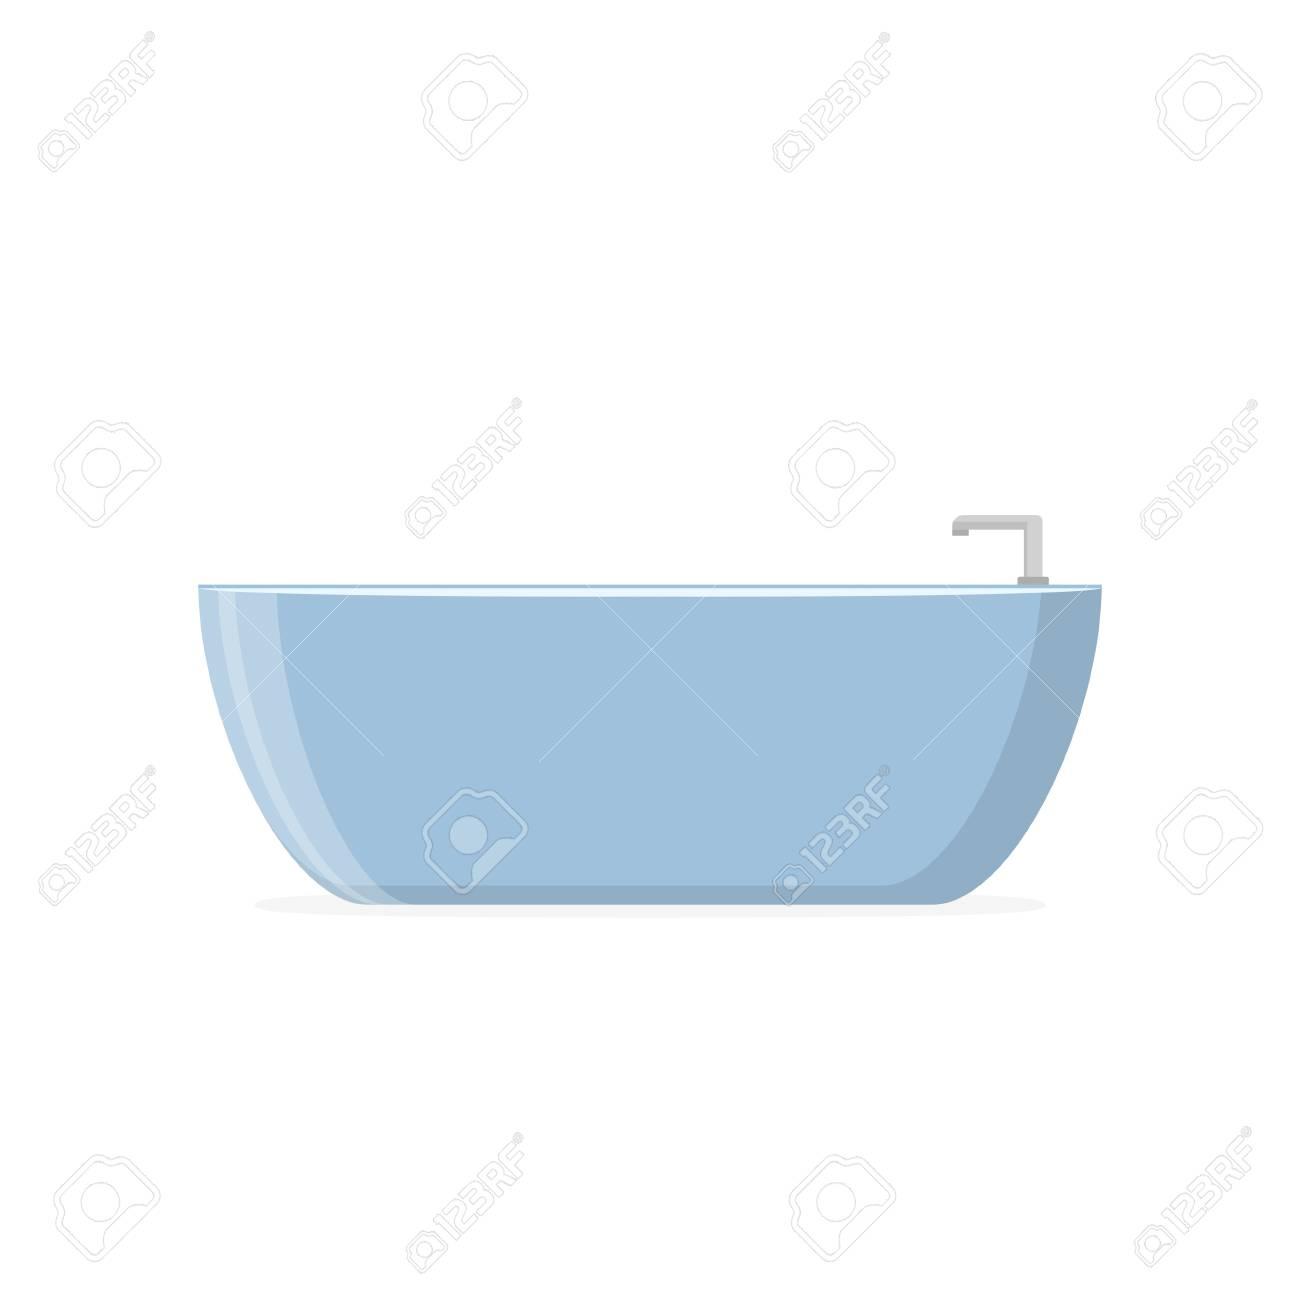 Beautiful Luxury Blue Modern Bathtub Decoration Interior In Flat ...